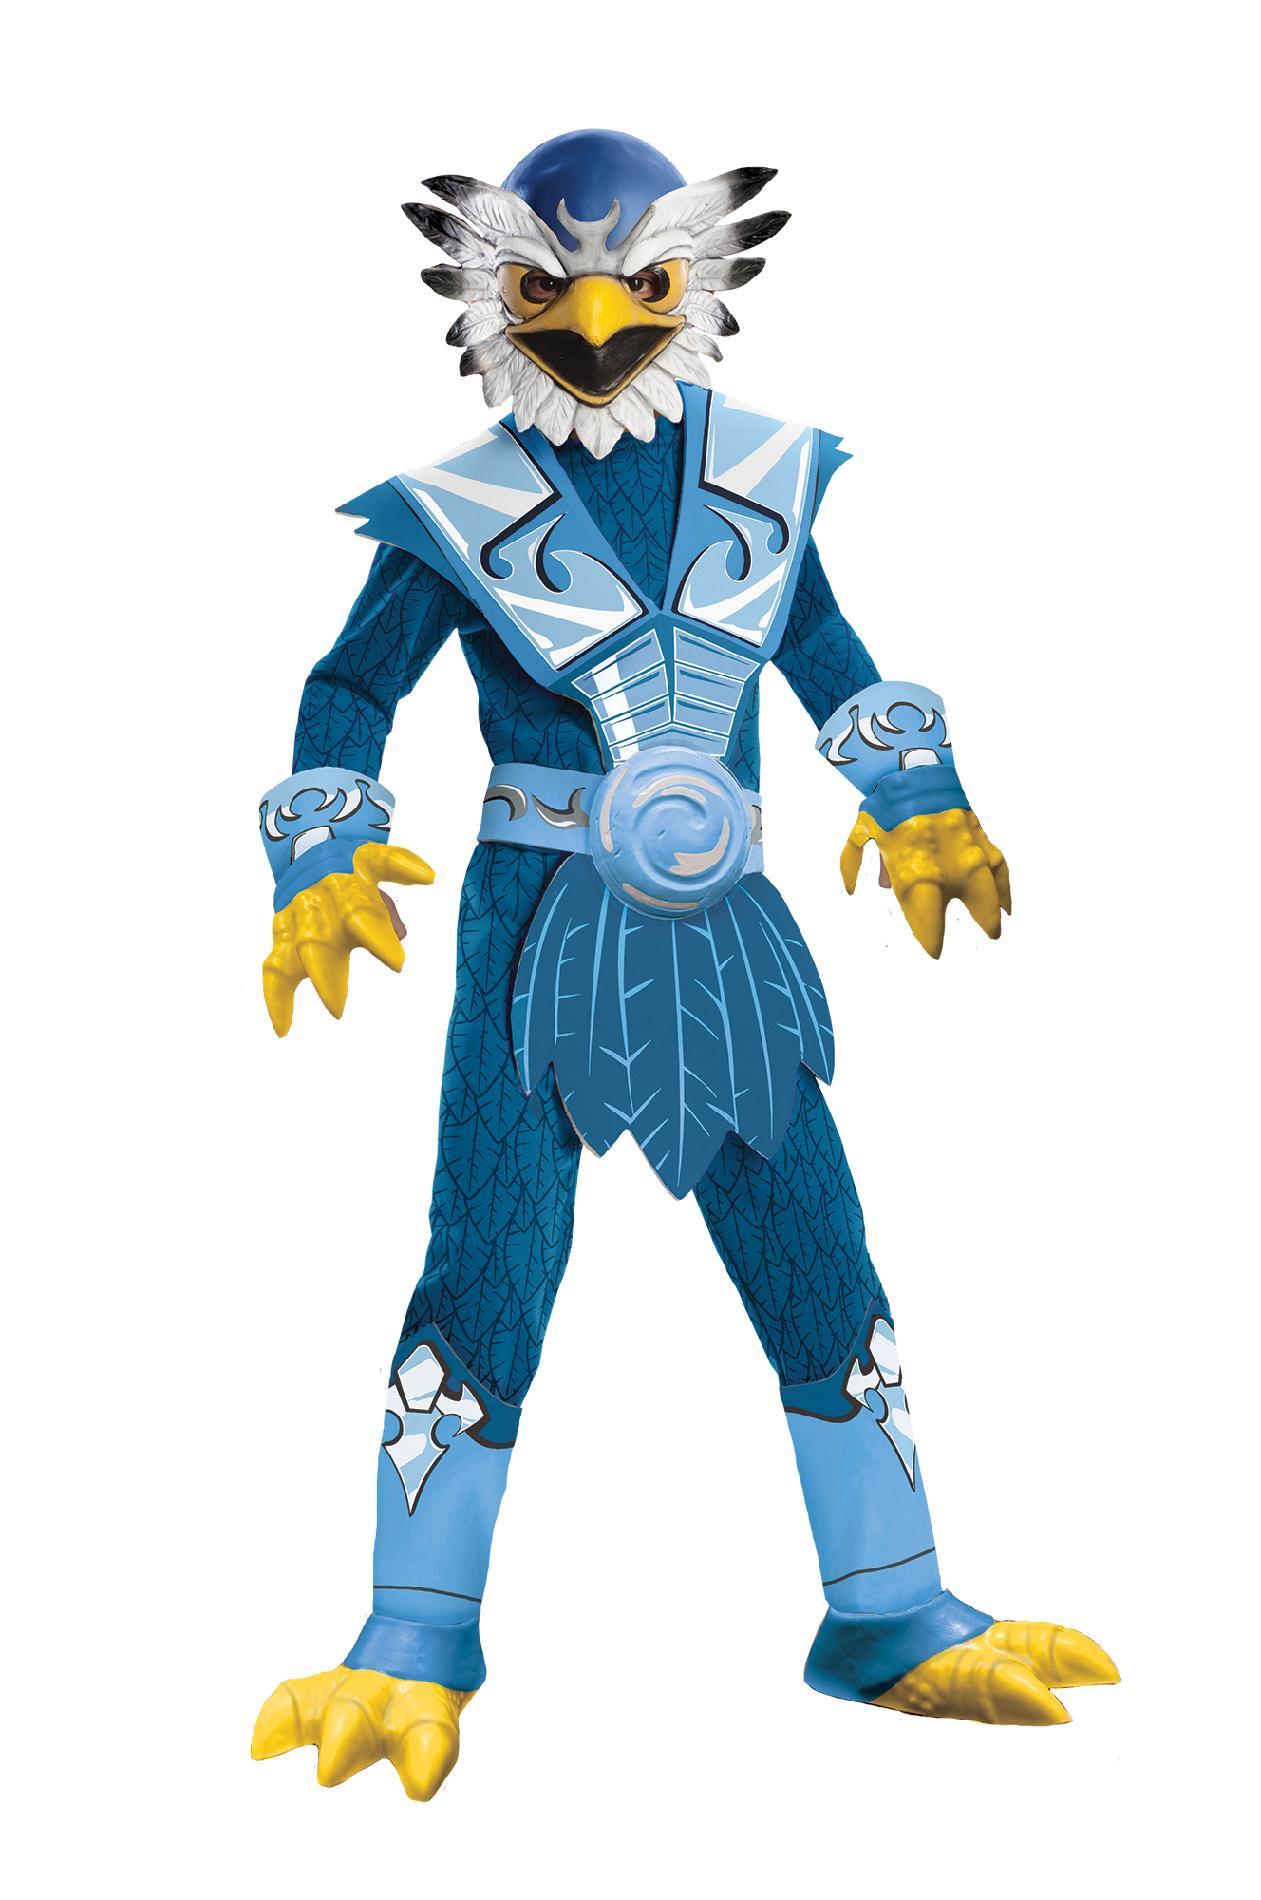 Boys' Deluxe Skylanders Jet-Vac Halloween Costume PartNumber: 009VA76636812P MfgPartNumber: 886787